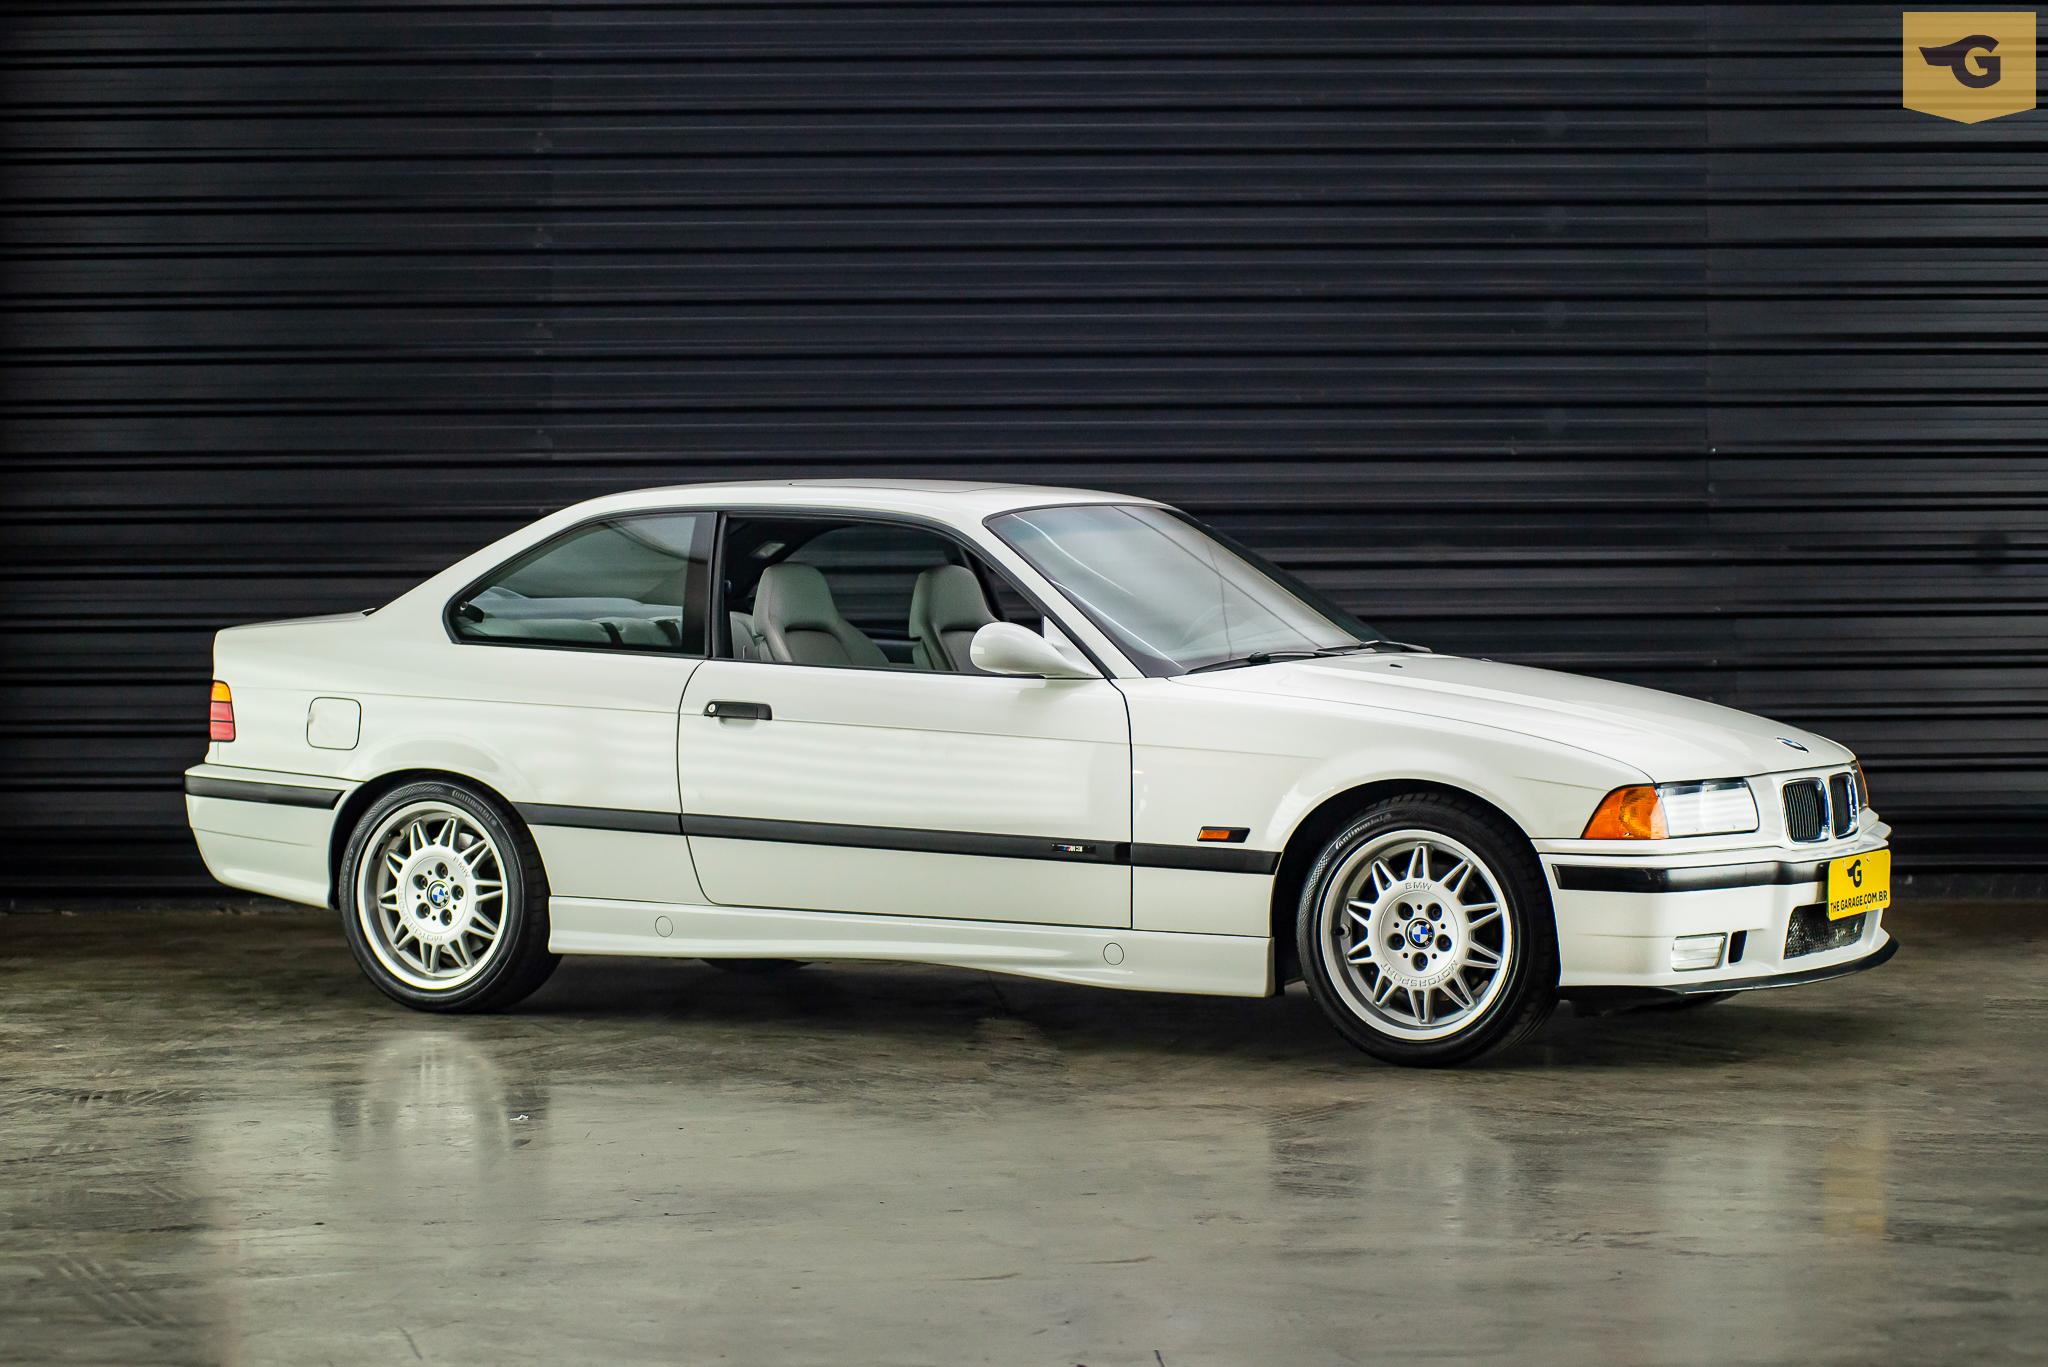 1995-bmw-m3-branca-a-venda-sao-paulo-sp-for-sale-the-garage-classicos-a-venda-loja-de-carros-antigos-30